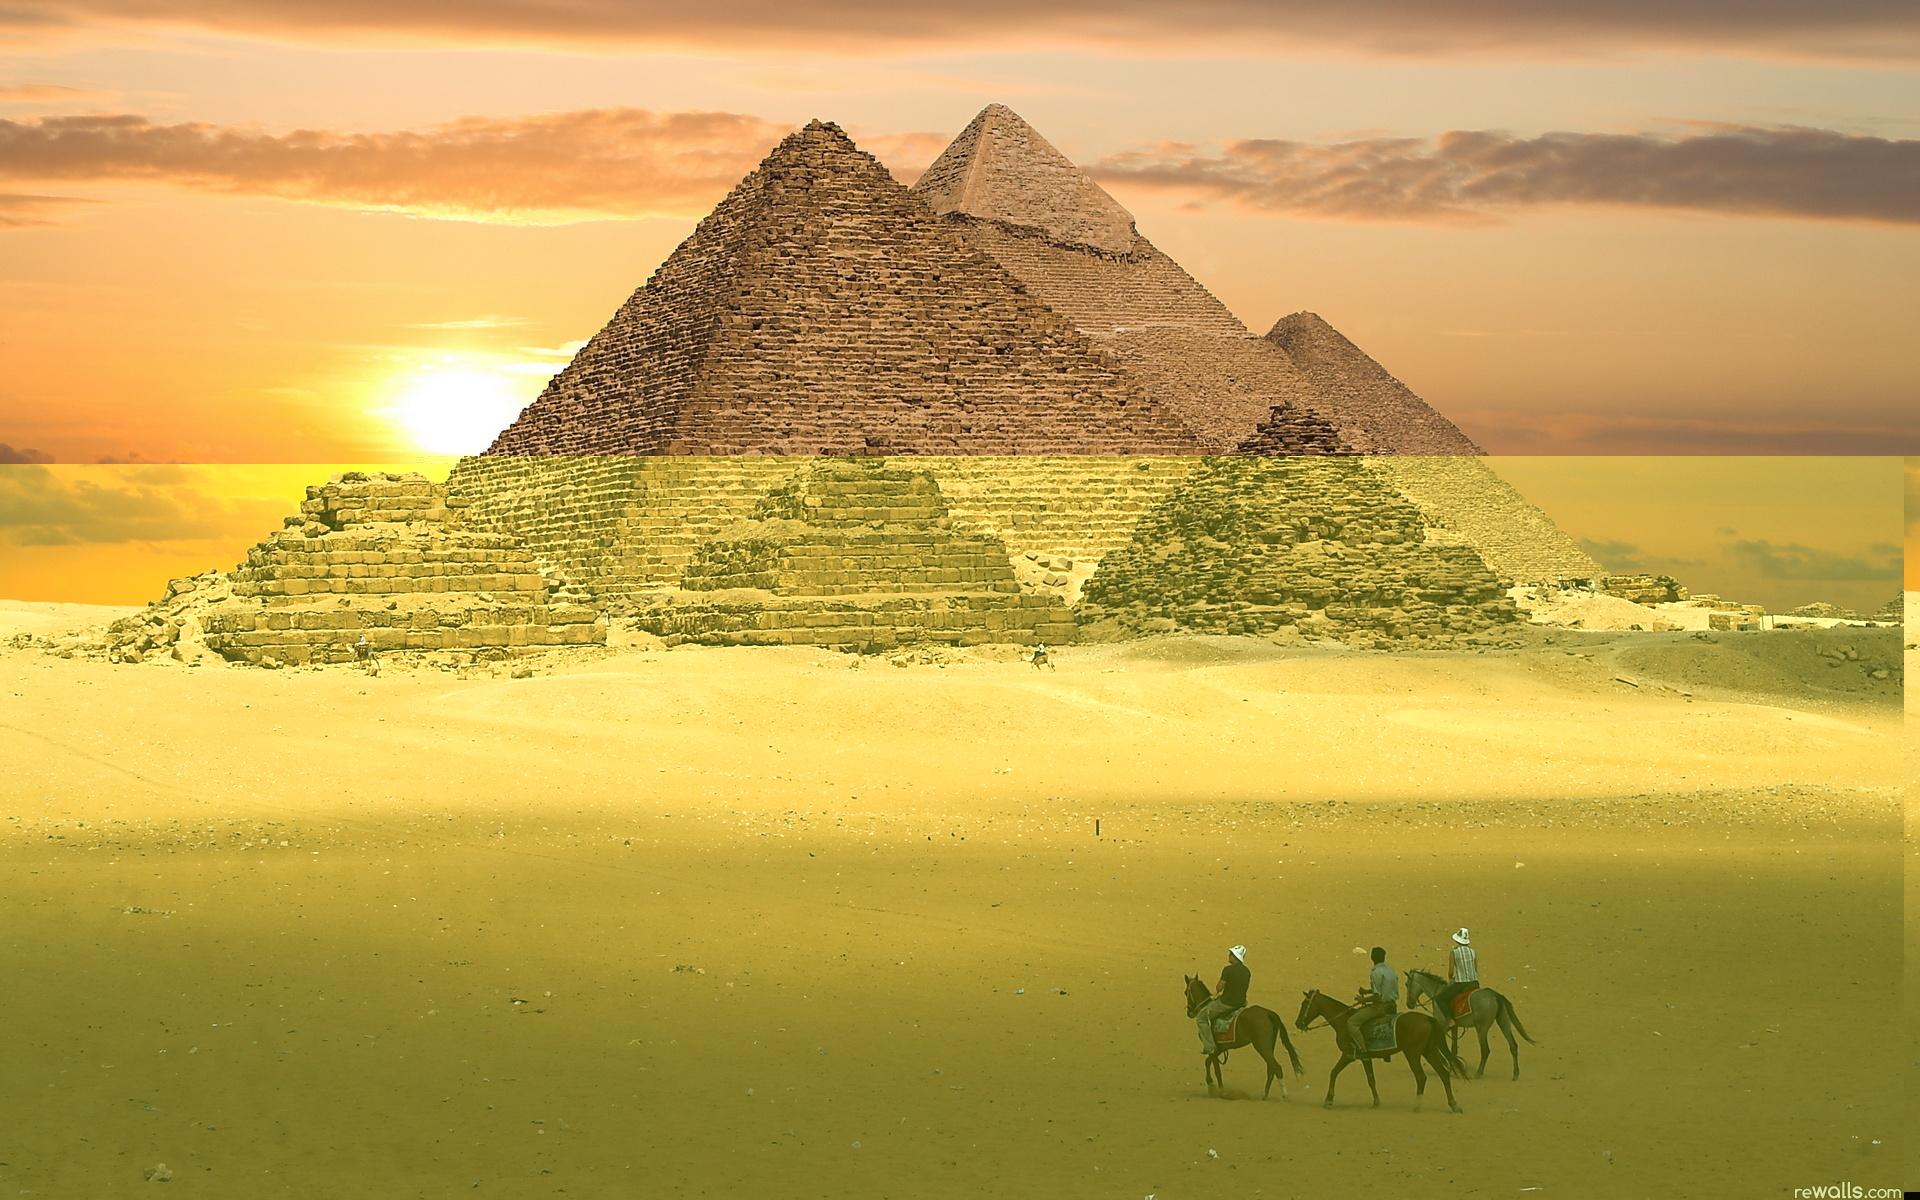 пирамида на фотообоях фото китае